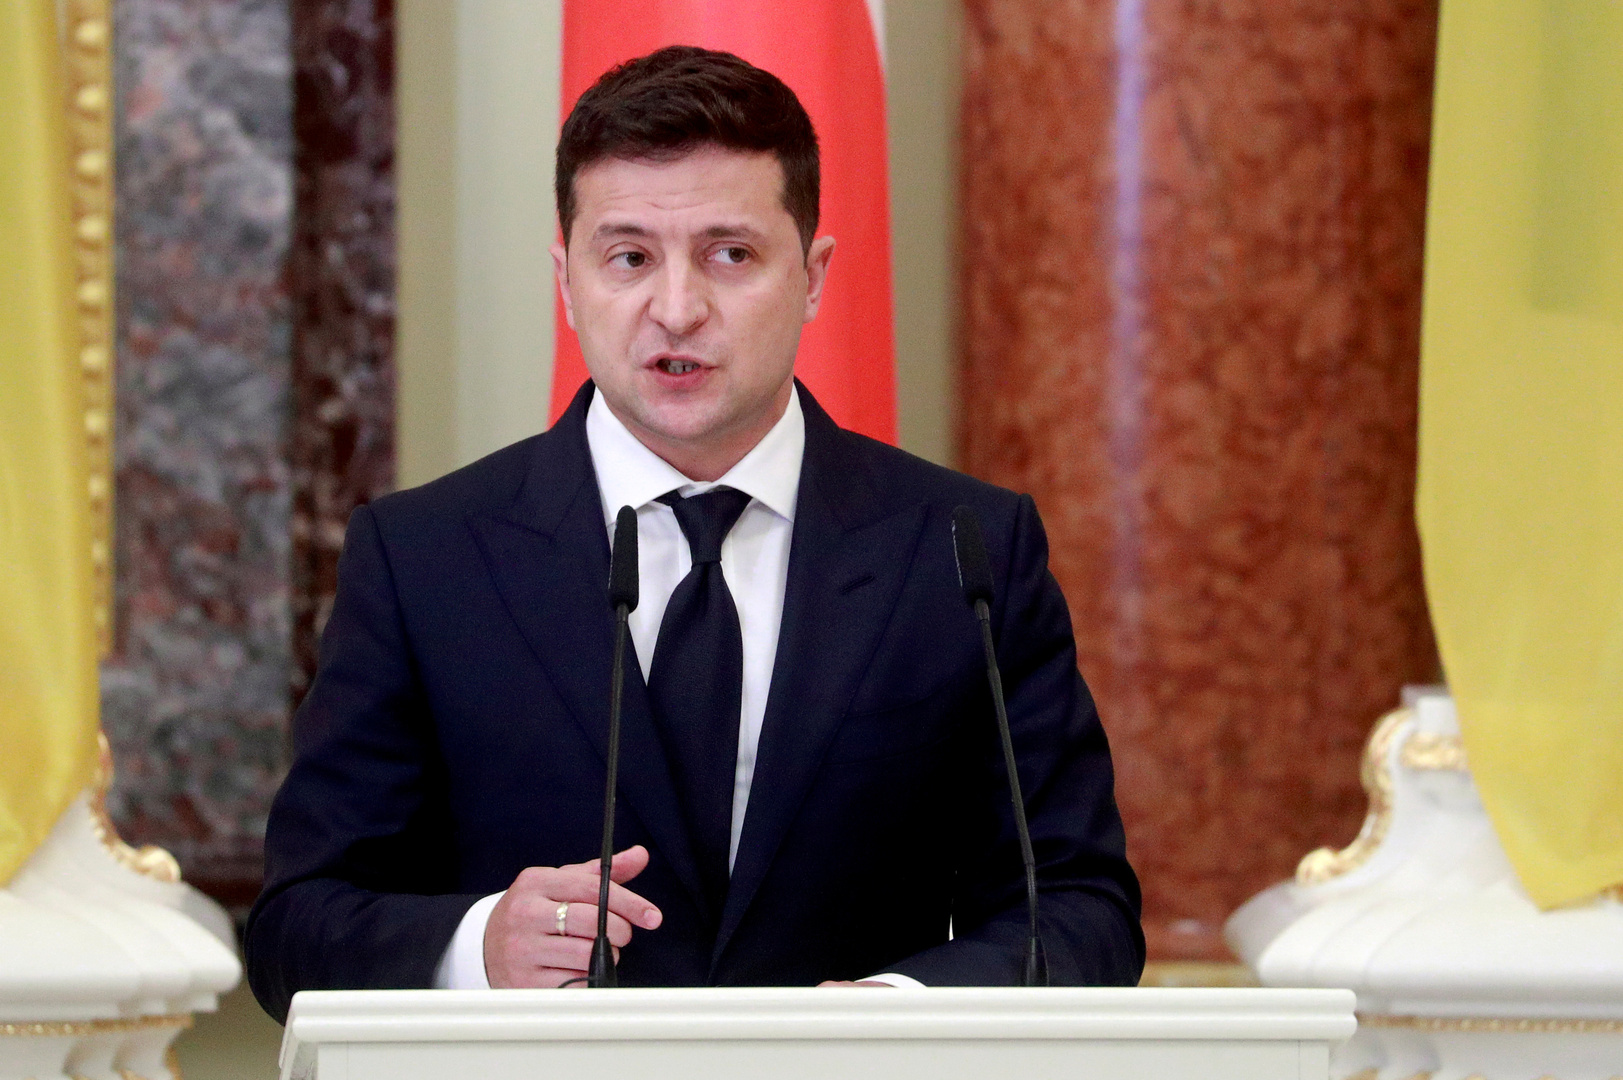 برلماني يحذر الرئيس الأوكراني من ملاقاة مصير تشاوشيسكو